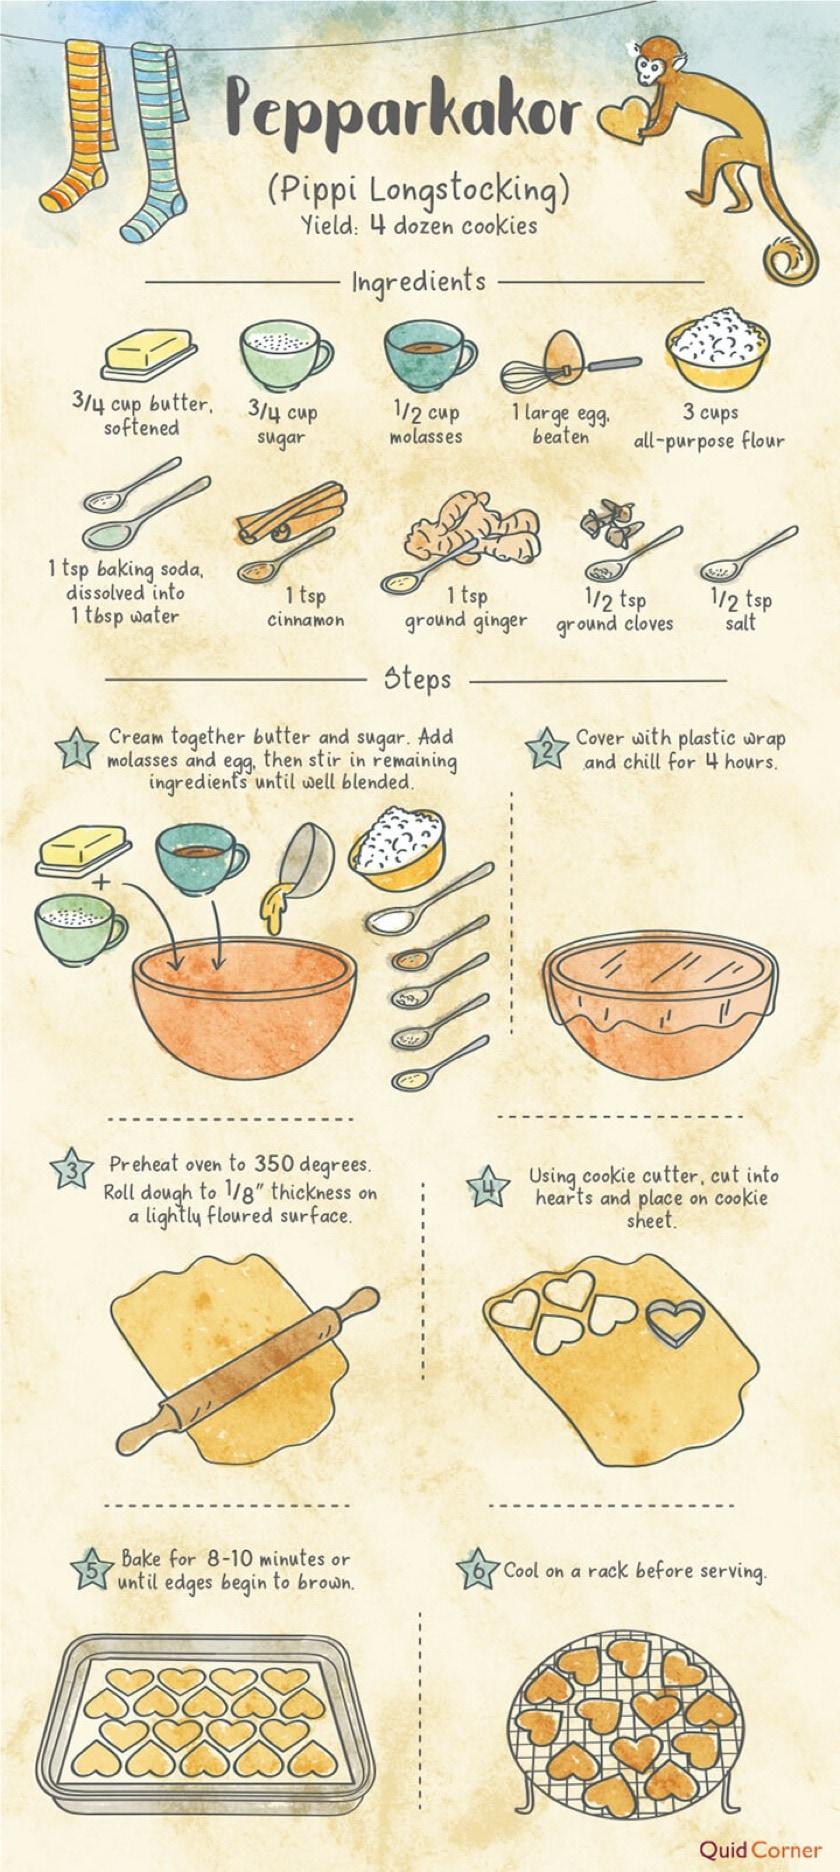 How to make pepparkakor from Pippi Longstocking